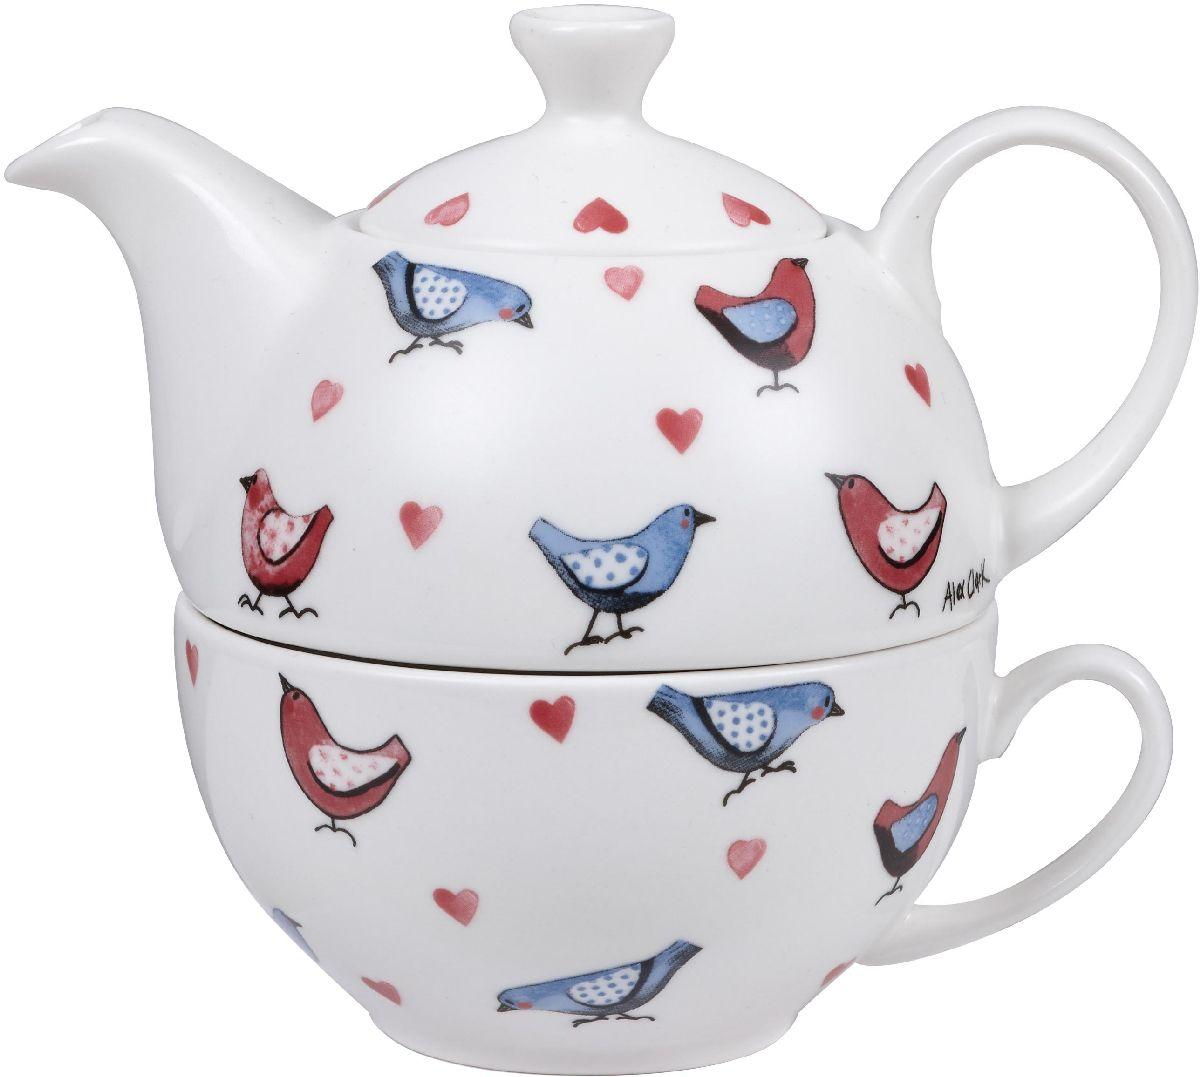 Набор чайный Churchill, 2 предмета. ACLB00121115510Коллекция Птички - уникальное сочетание живой природы и прекрасные воспоминания из детства. Легкий и простой дизайн с пастельными красками идеально подойдет для любой кухни.